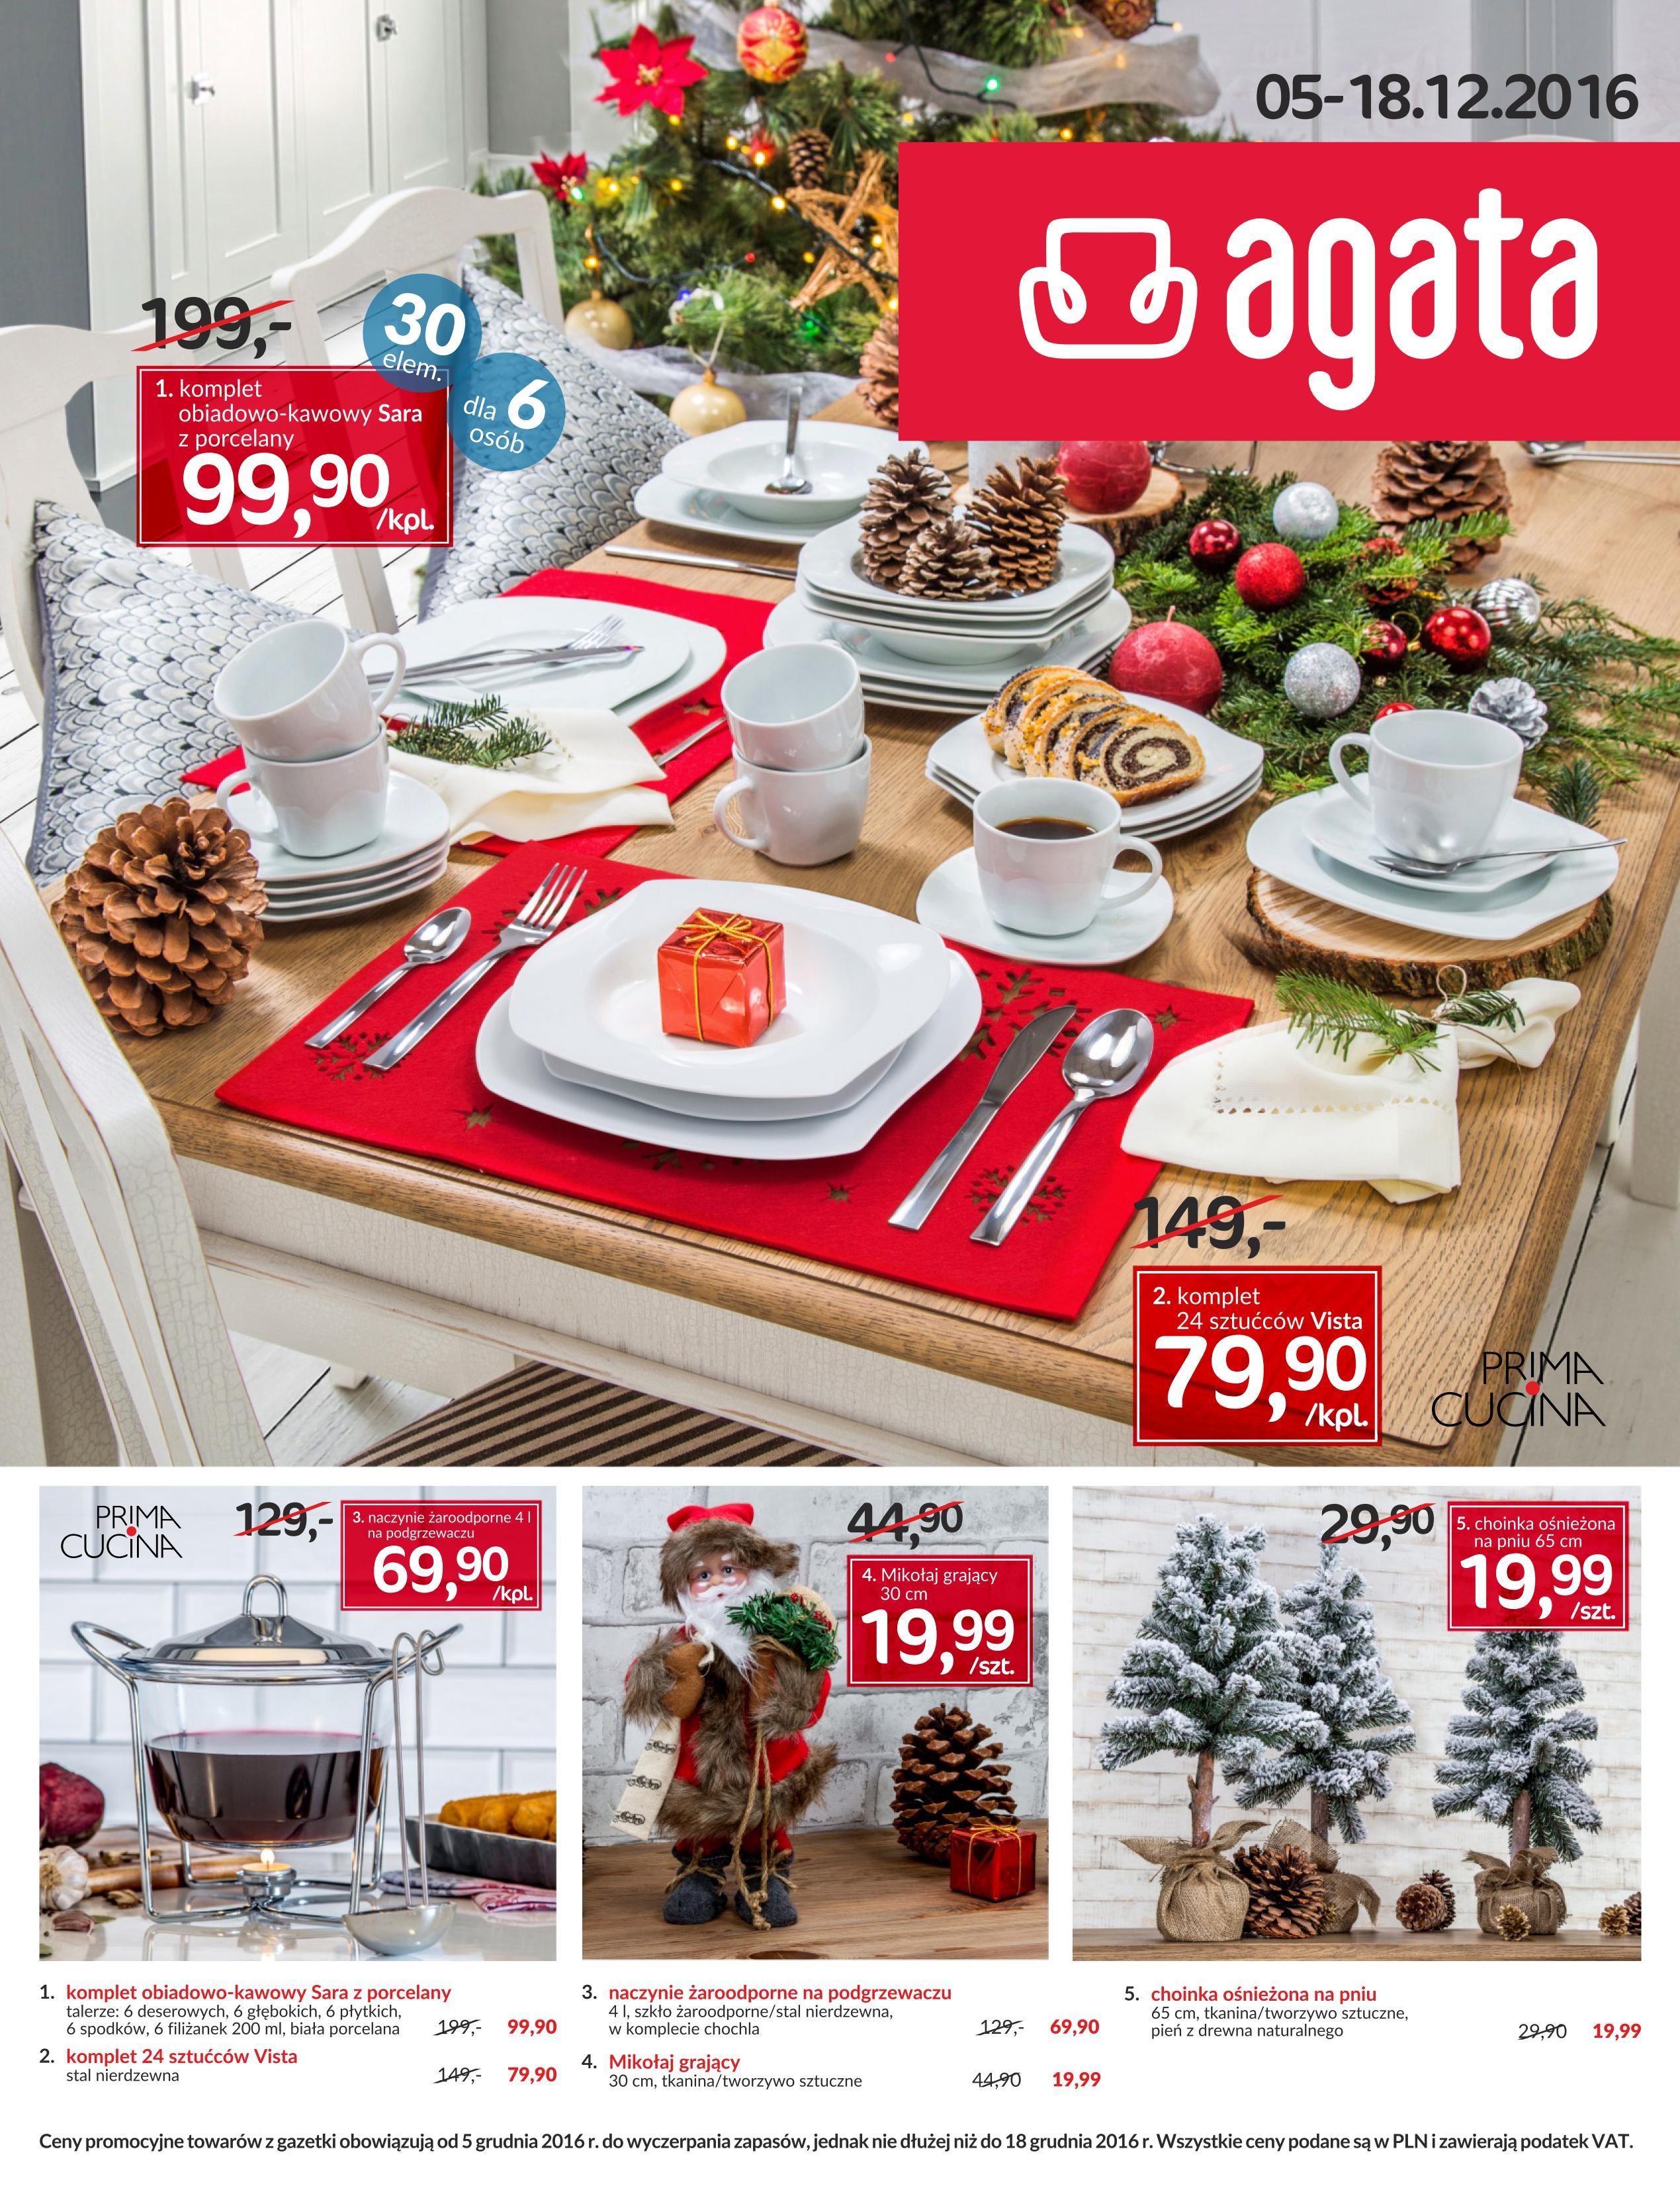 Aby obejrzeć aktualną gazetkę promocyjną marki Agata, przejrzyj galerię poniżej.